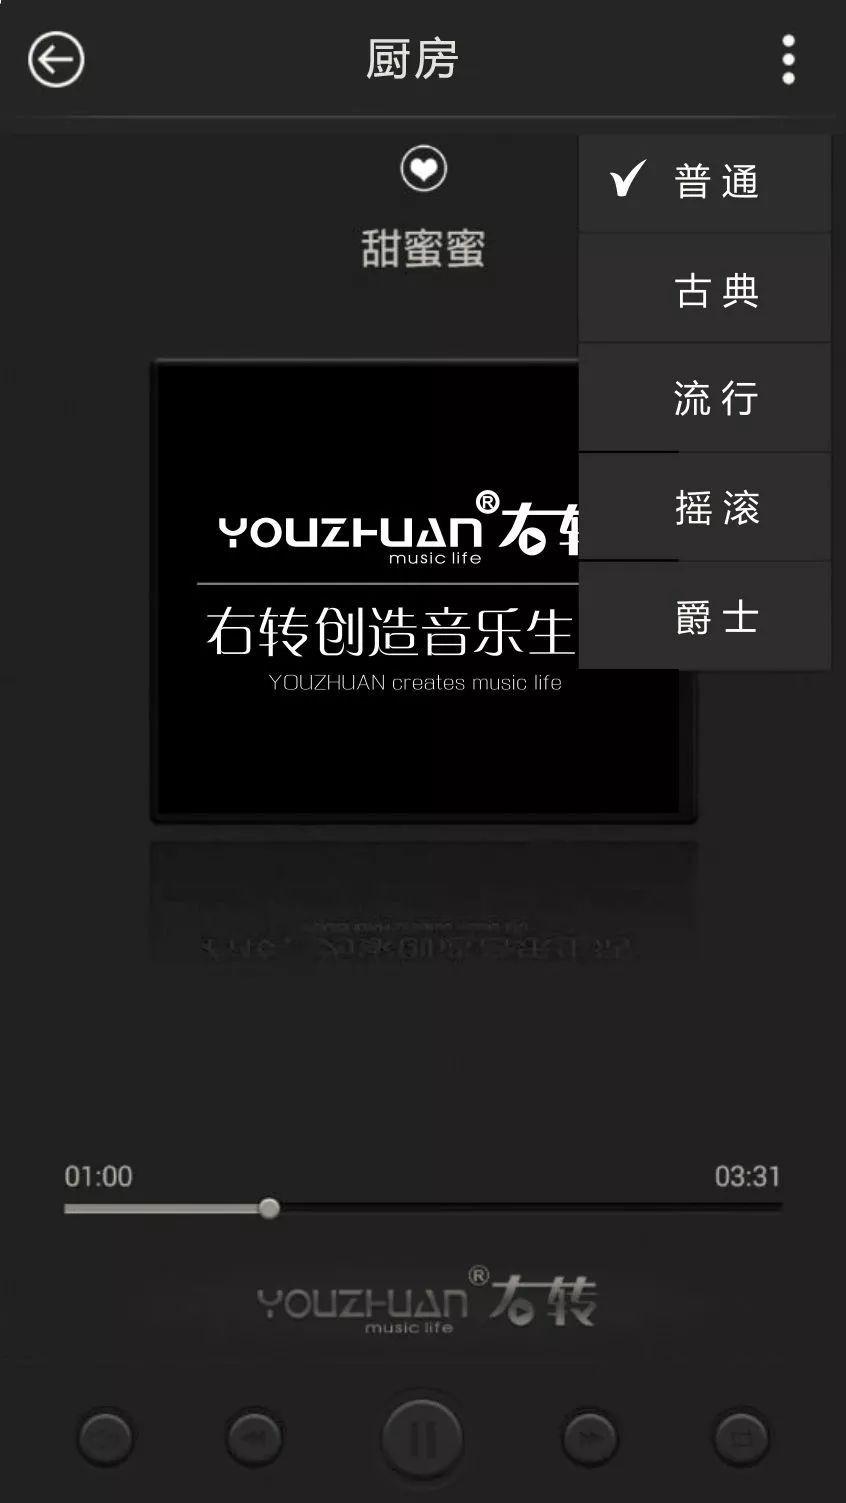 youzhuan06